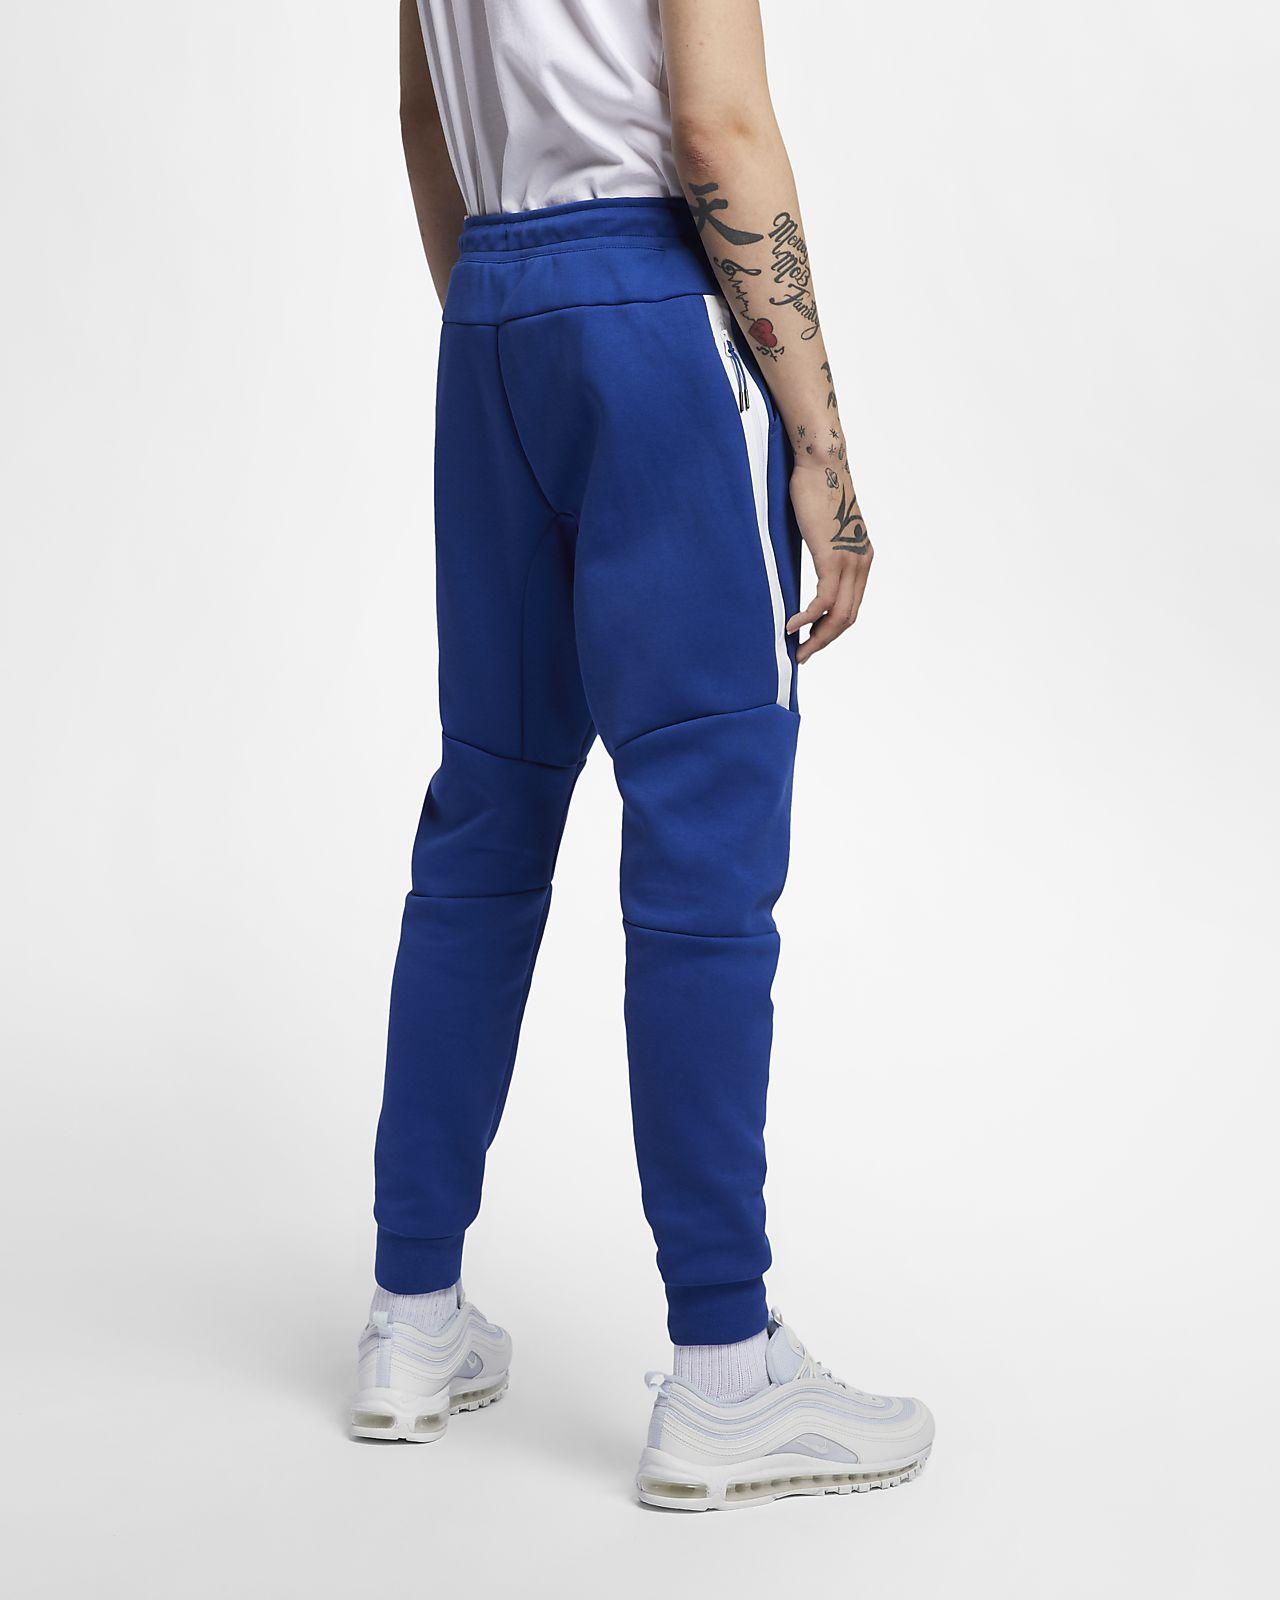 dbee2c513b64 Nike Sportswear Tech Fleece Men s Joggers. Nike.com GB